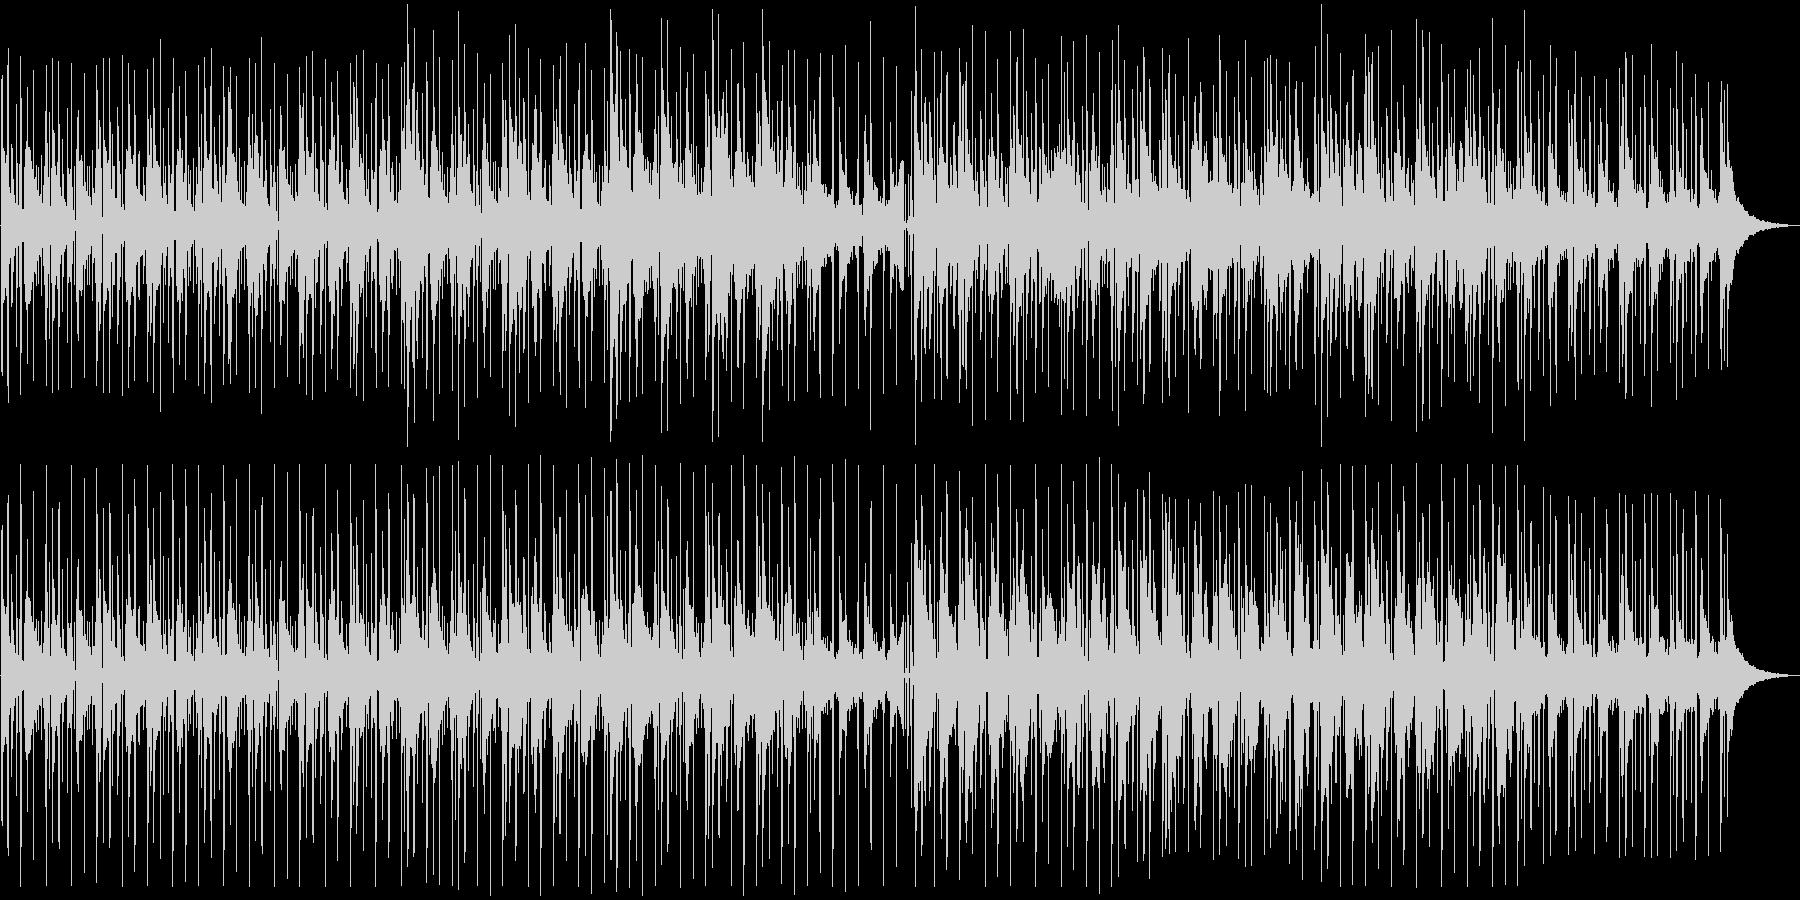 アコースティックでゆったりしたビートの曲の未再生の波形